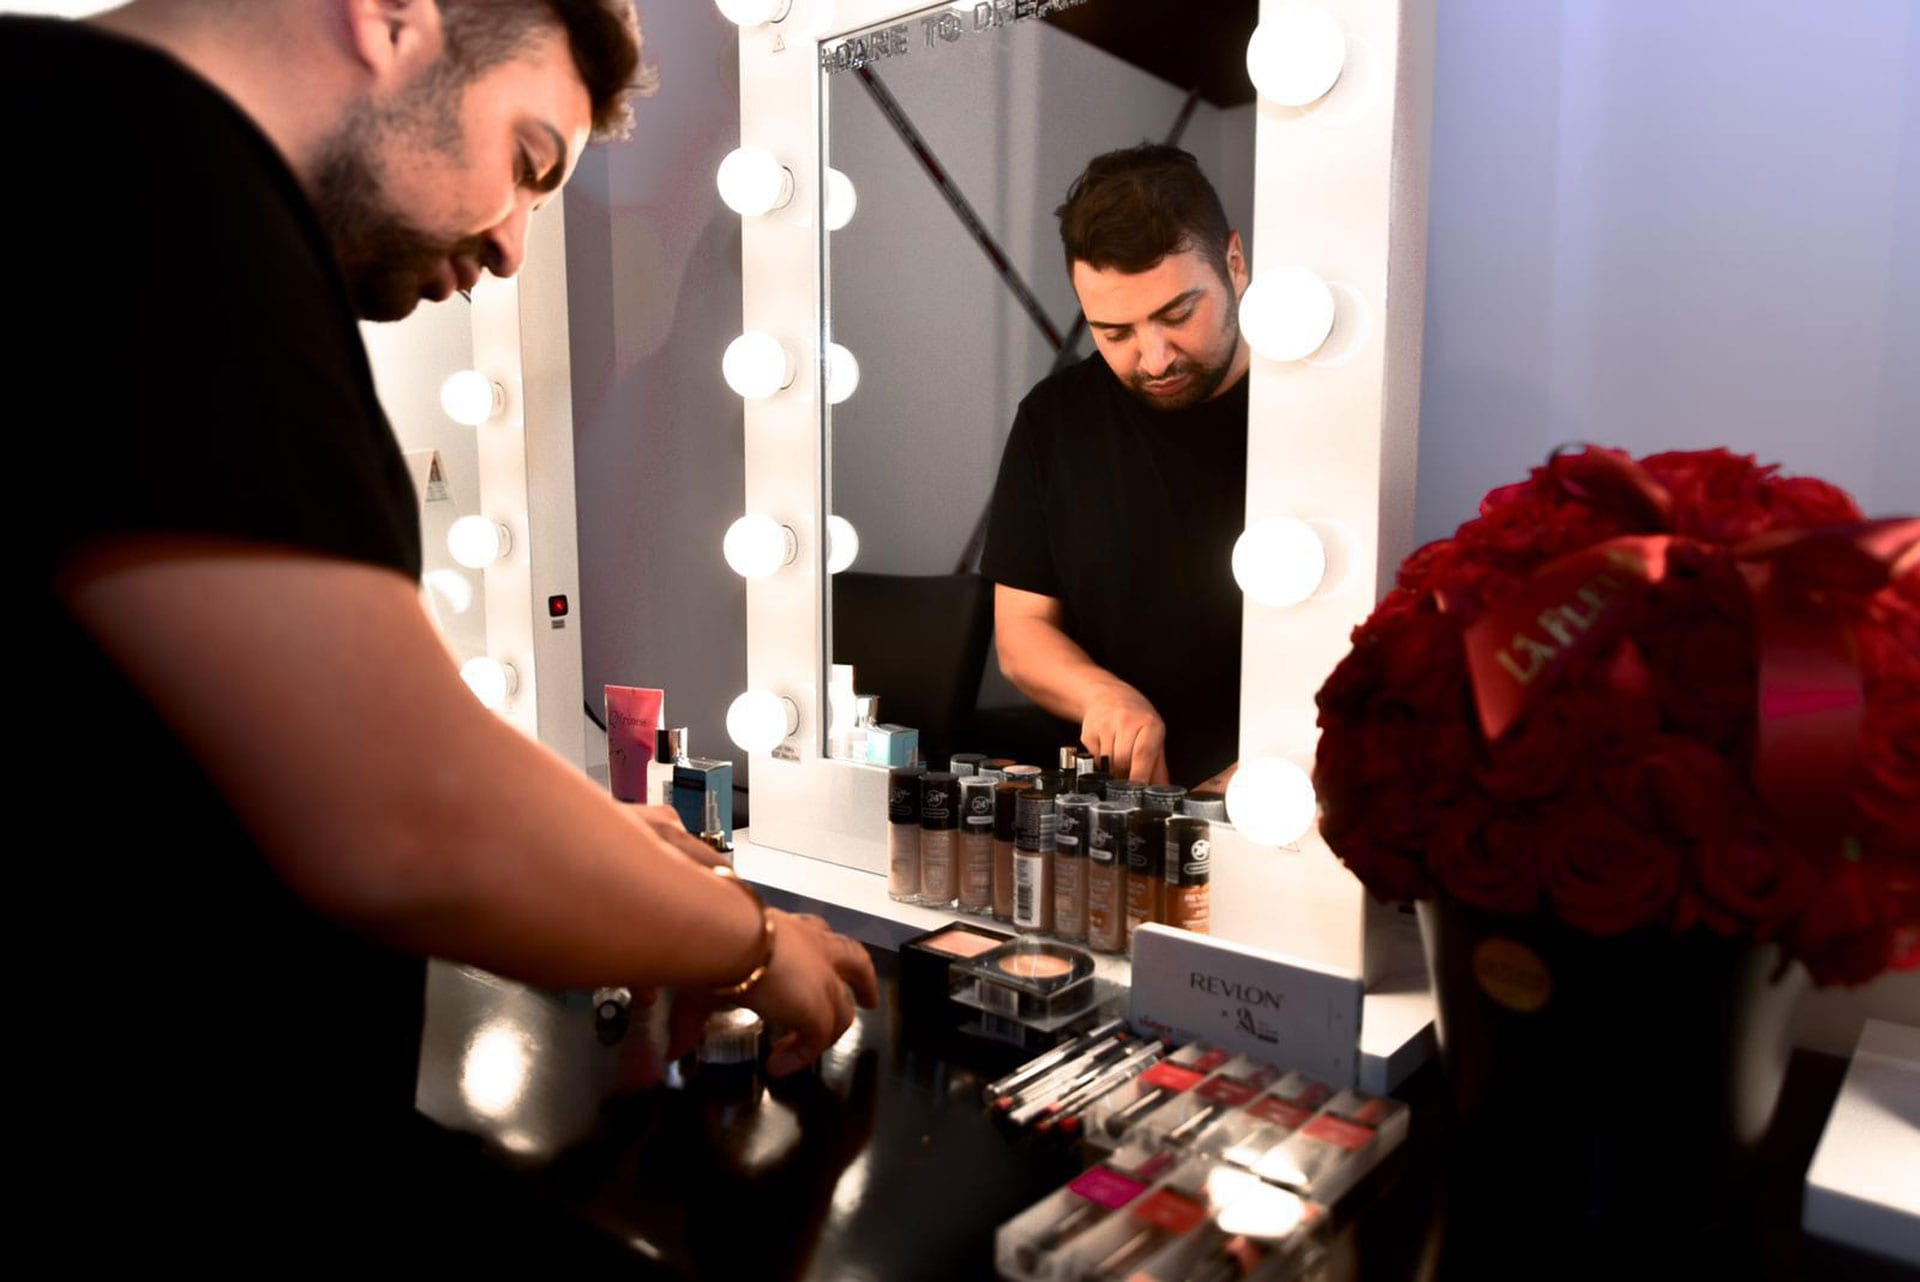 אירוויזיון 2019, גילי אלגבי המאפר הראשי של האירוויזיון מטעם רבלון צילום צילום Danial Anduriel - 566